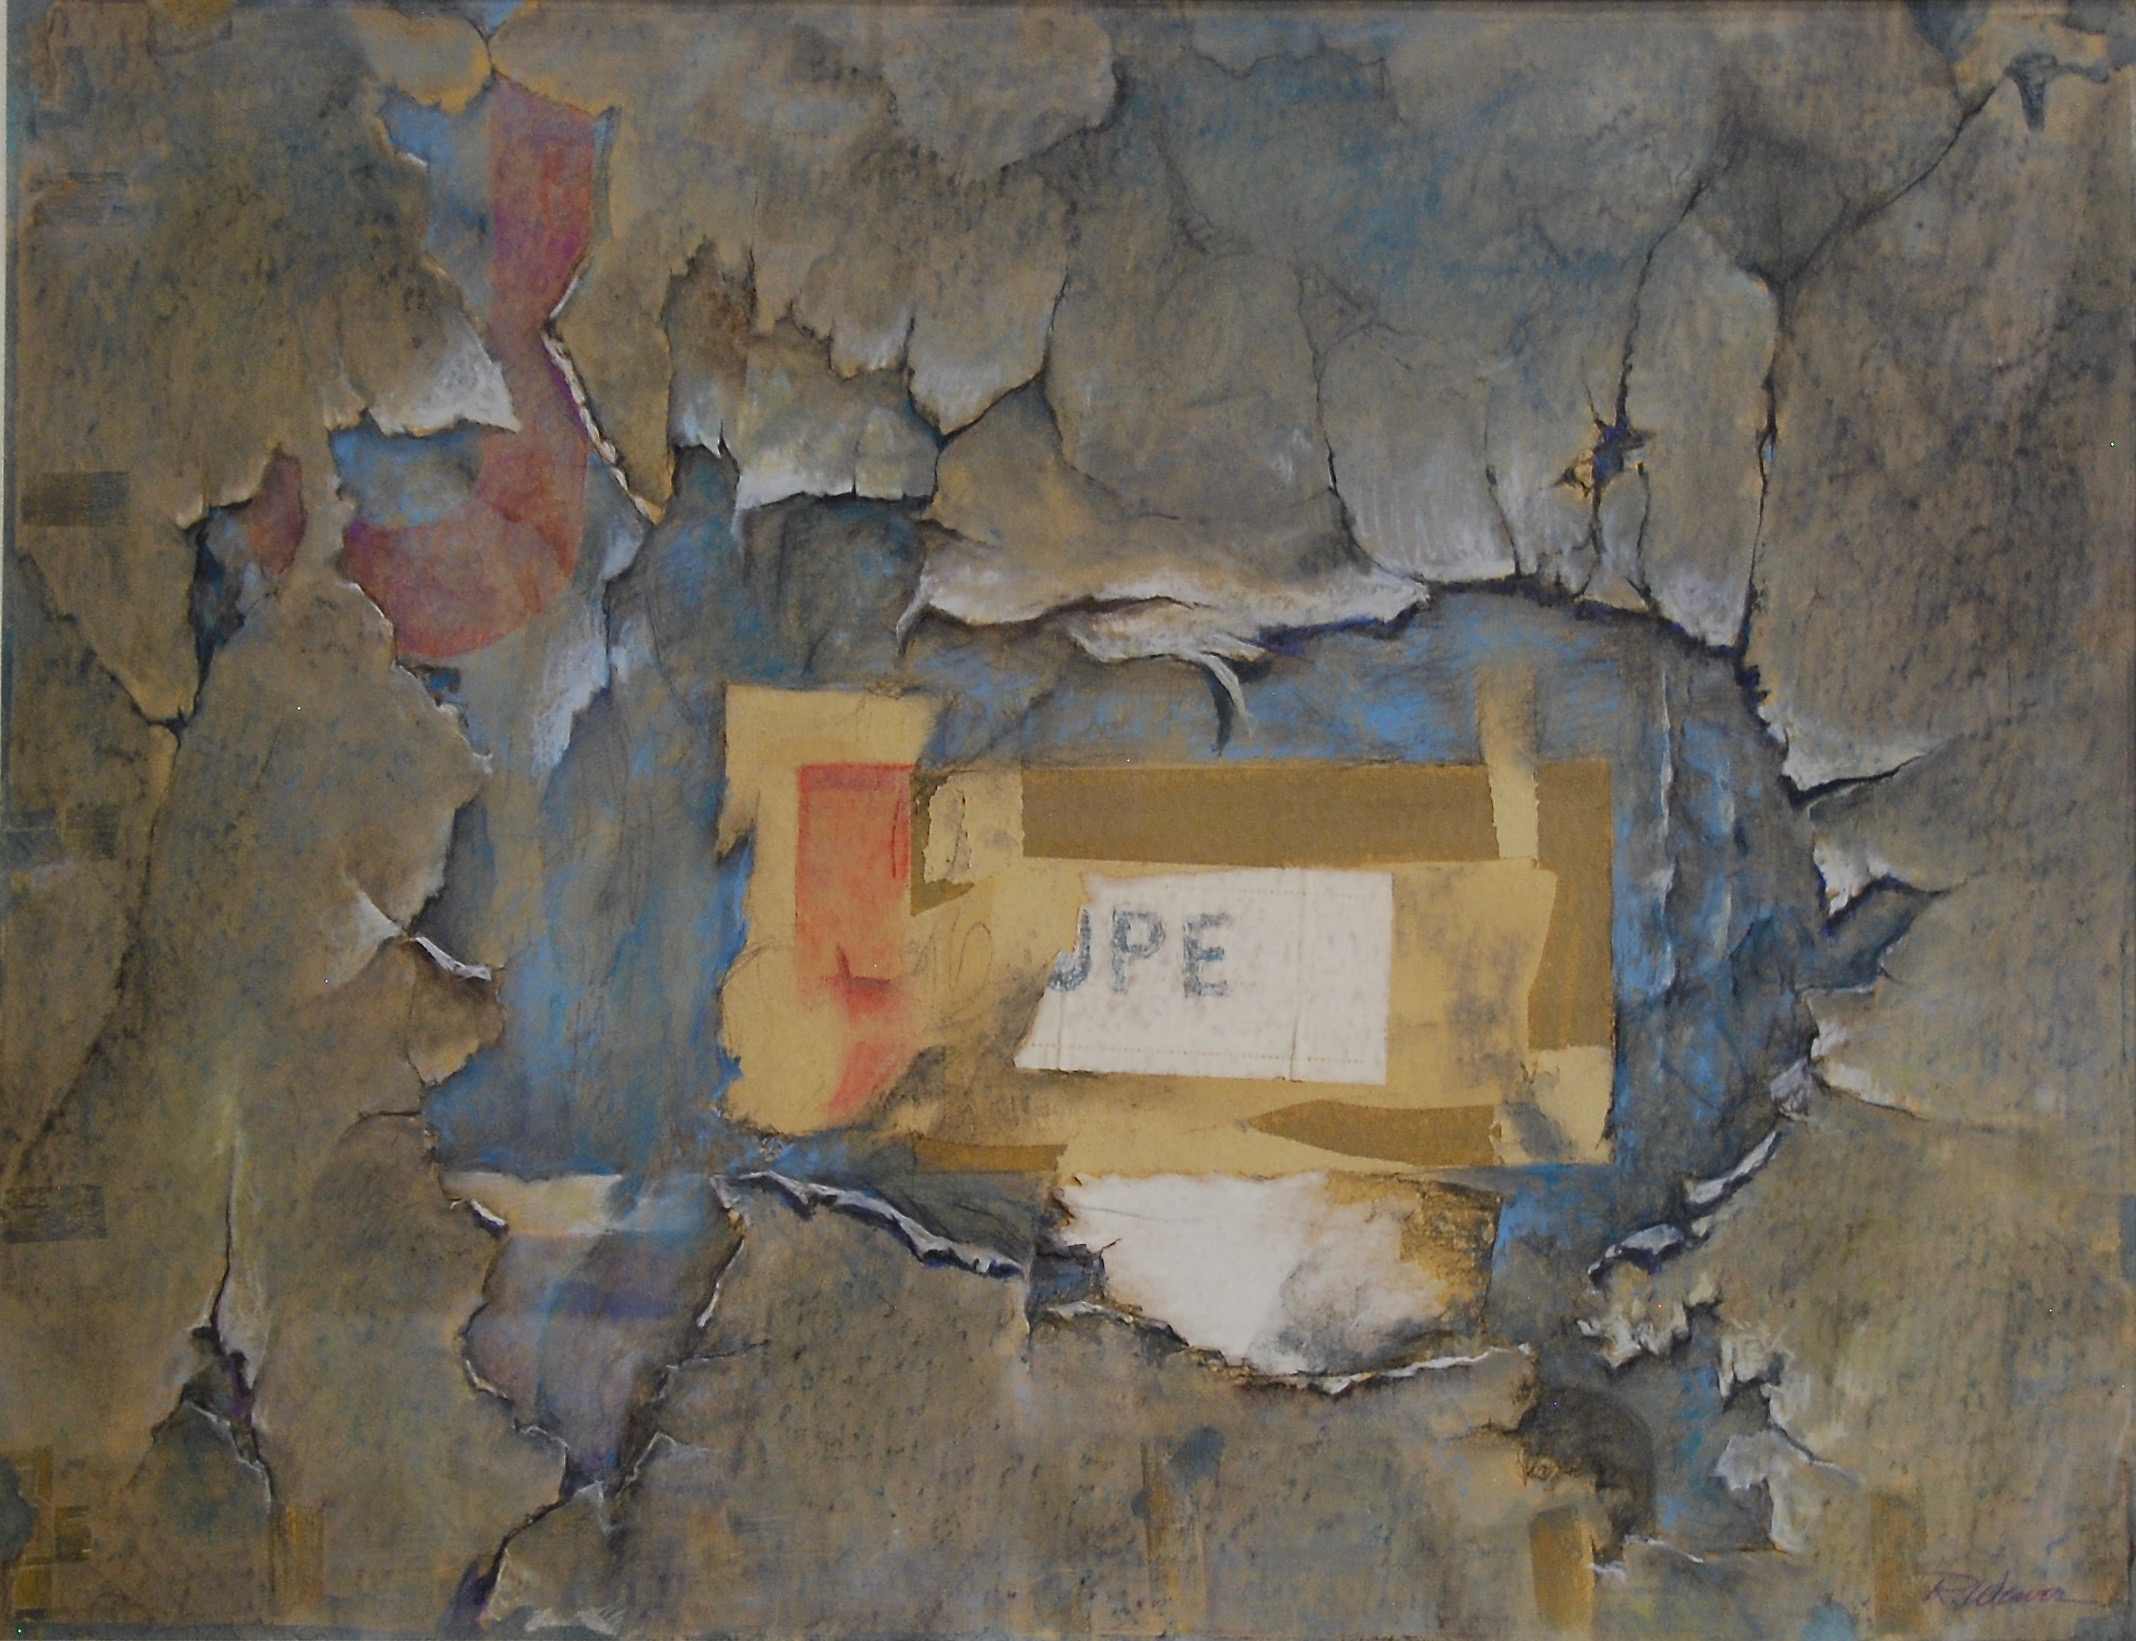 """""""Graffiti #58 - OPE"""" c. 1980"""